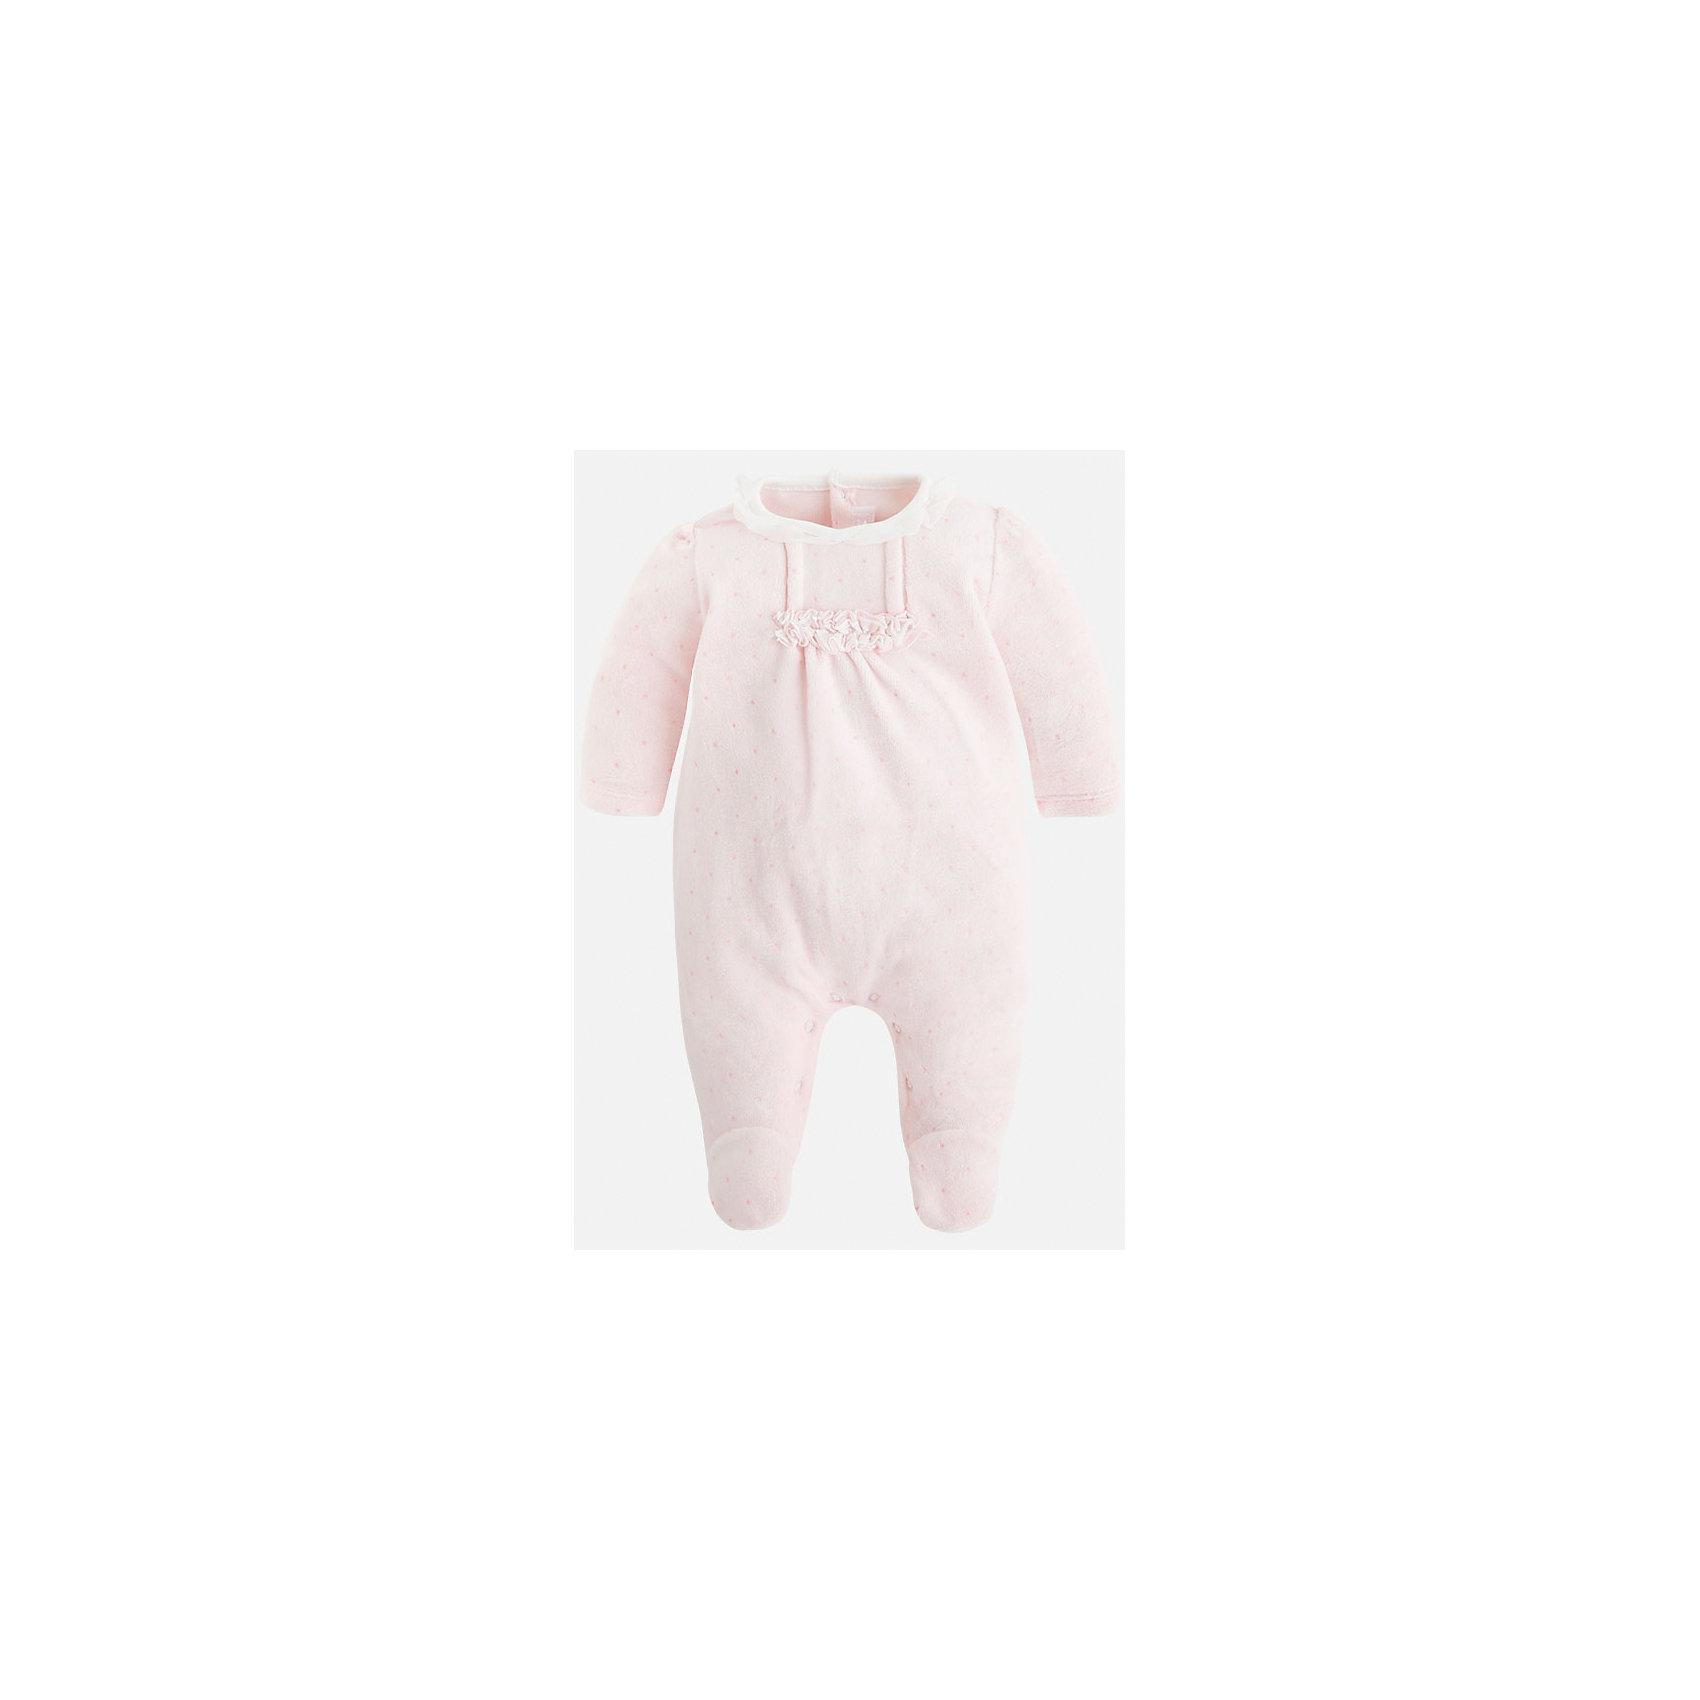 Пижама для девочки MayoralКомбинезоны<br>Пижама для новорожденных девочек торговой марки    Майорал -Mayoral  <br>- само очарование! Бантик, рюши и цветочный принт для самых юных модниц. Кнопки-застежки внизу на ножках и на спинке, в пижаме закрытые ножки и открытые ручки.<br><br>Дополнительная информация: <br><br>- цвет:  розовый<br>- состав: хлопок 75%, полиэстер 25%<br>- длина рукава: длинные<br>- фактура материала: текстильный<br>- вид застежки: кнопки<br>- уход за вещами: бережная стирка при 30 градусах<br>- рисунок: без  рисунка<br>- назначение: повседневная<br>- сезон: круглогодичный<br>- пол: девочки<br>- страна бренда: Испания<br>- комплектация: пижама<br><br>Пижаму для девочки торговой марки    Майорал  можно купить в нашем интернет-магазине.<br><br>Ширина мм: 281<br>Глубина мм: 70<br>Высота мм: 188<br>Вес г: 295<br>Цвет: розовый<br>Возраст от месяцев: 84<br>Возраст до месяцев: 96<br>Пол: Женский<br>Возраст: Детский<br>Размер: 56,62,68,50<br>SKU: 4846109